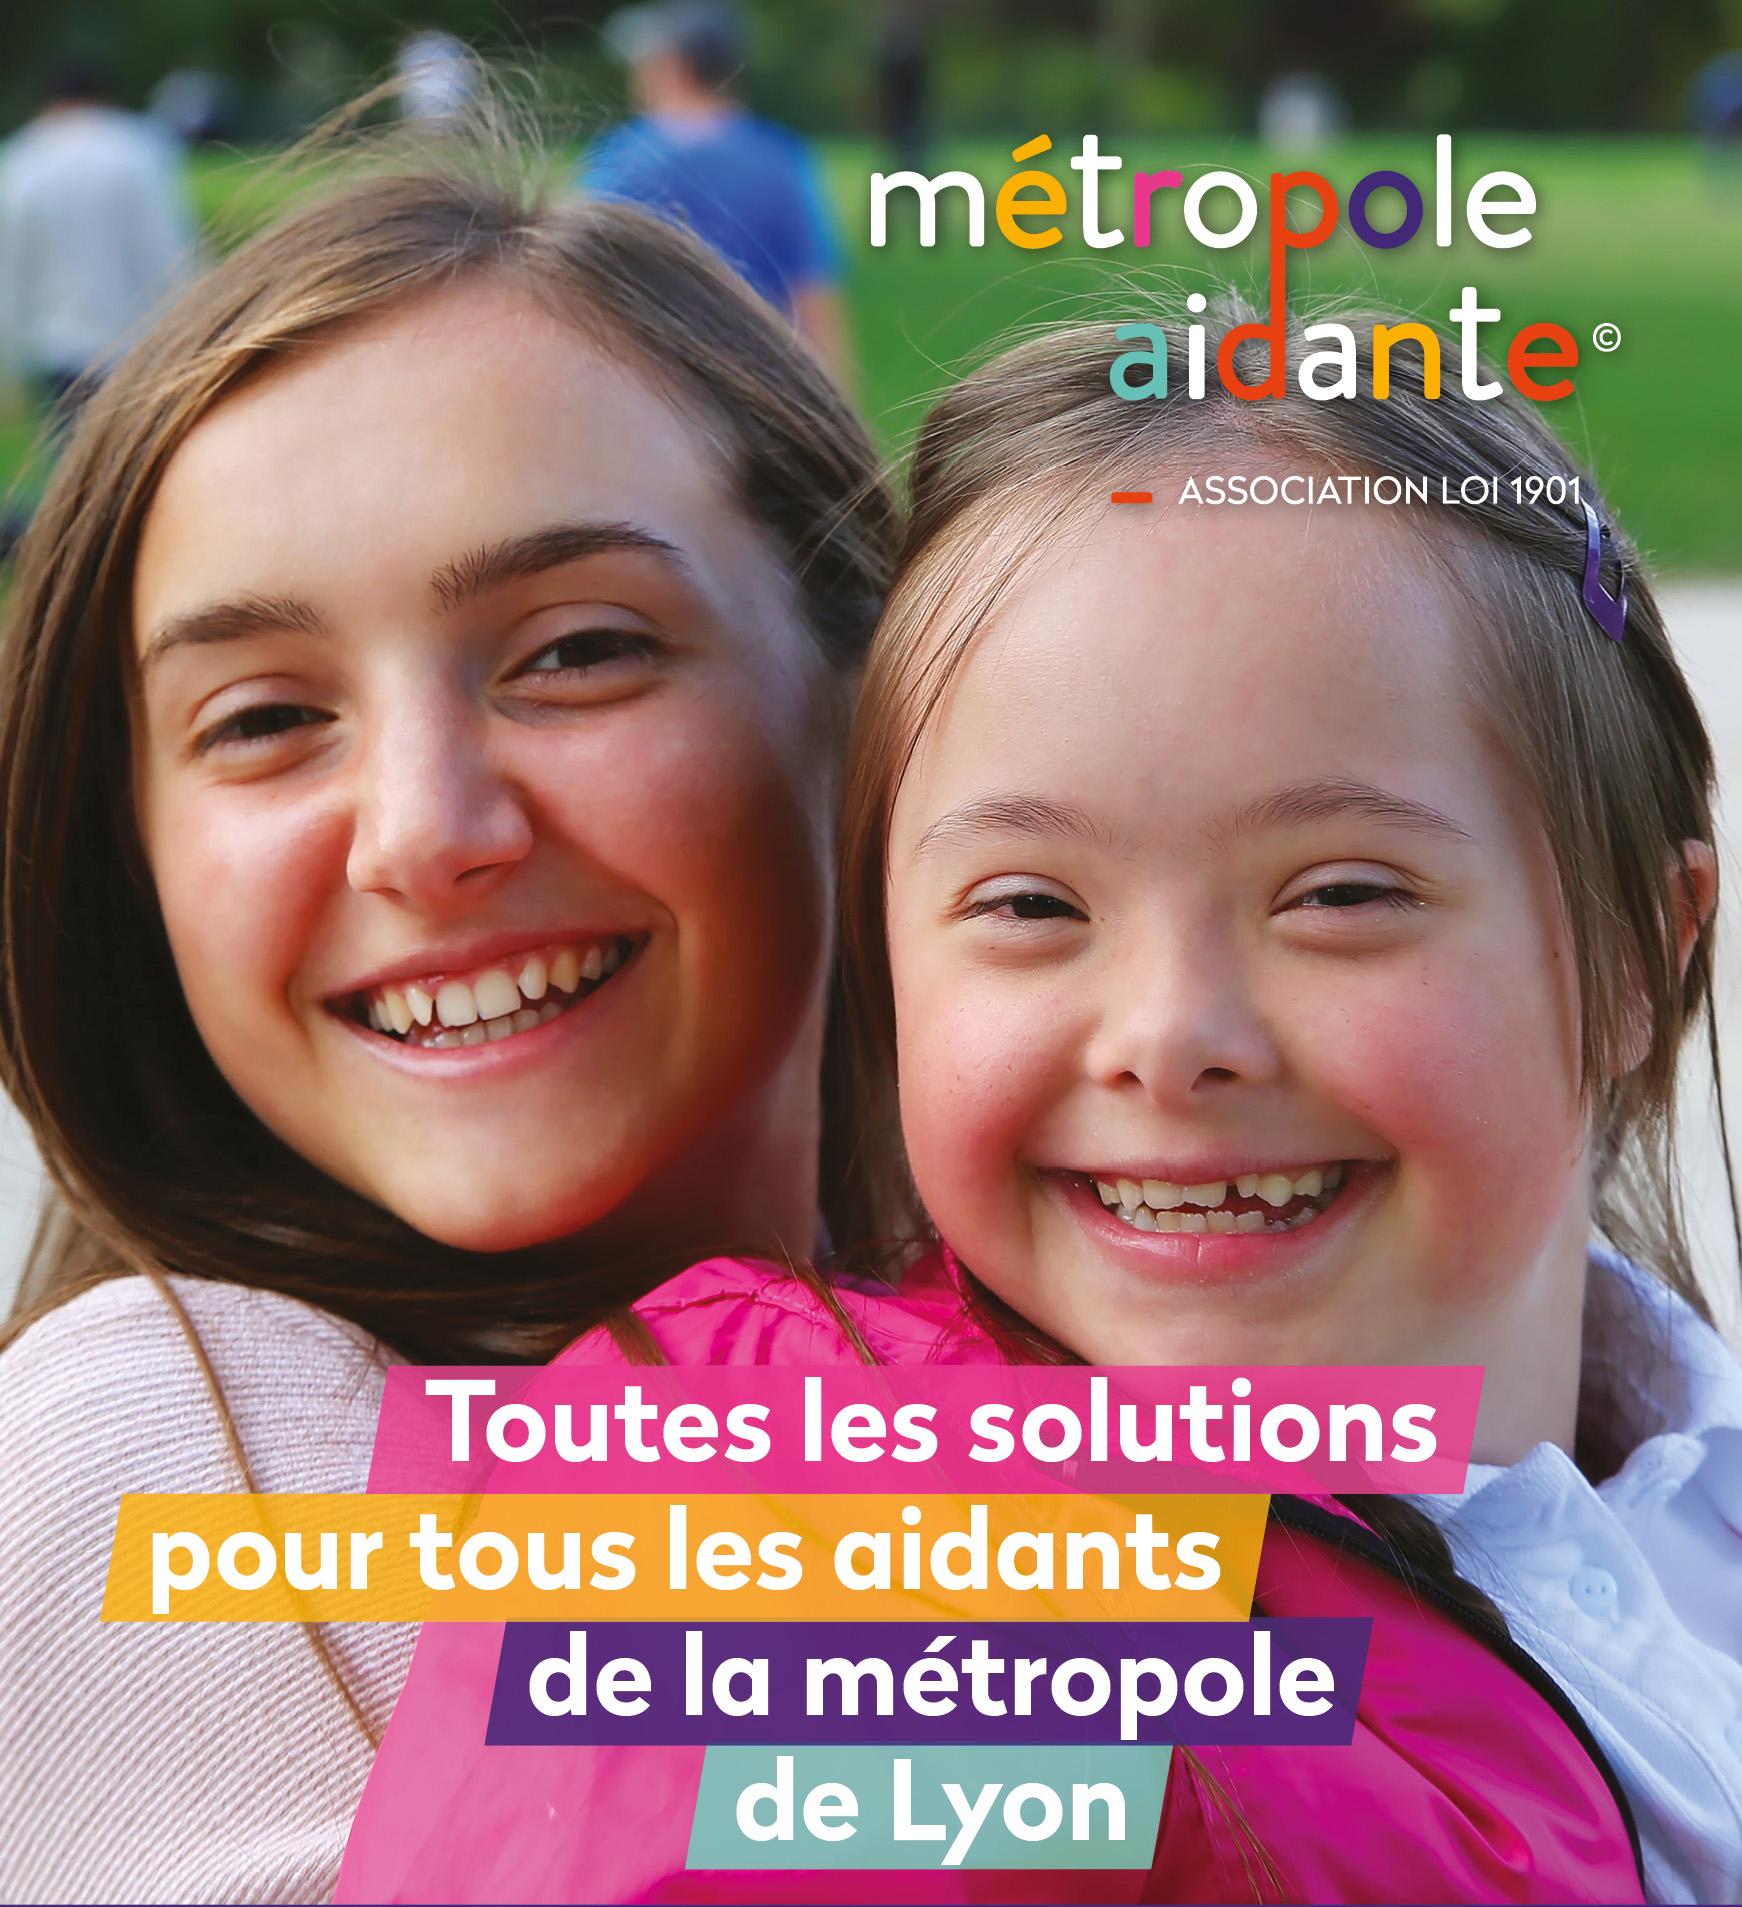 portraits soeurs metrotopole aidante